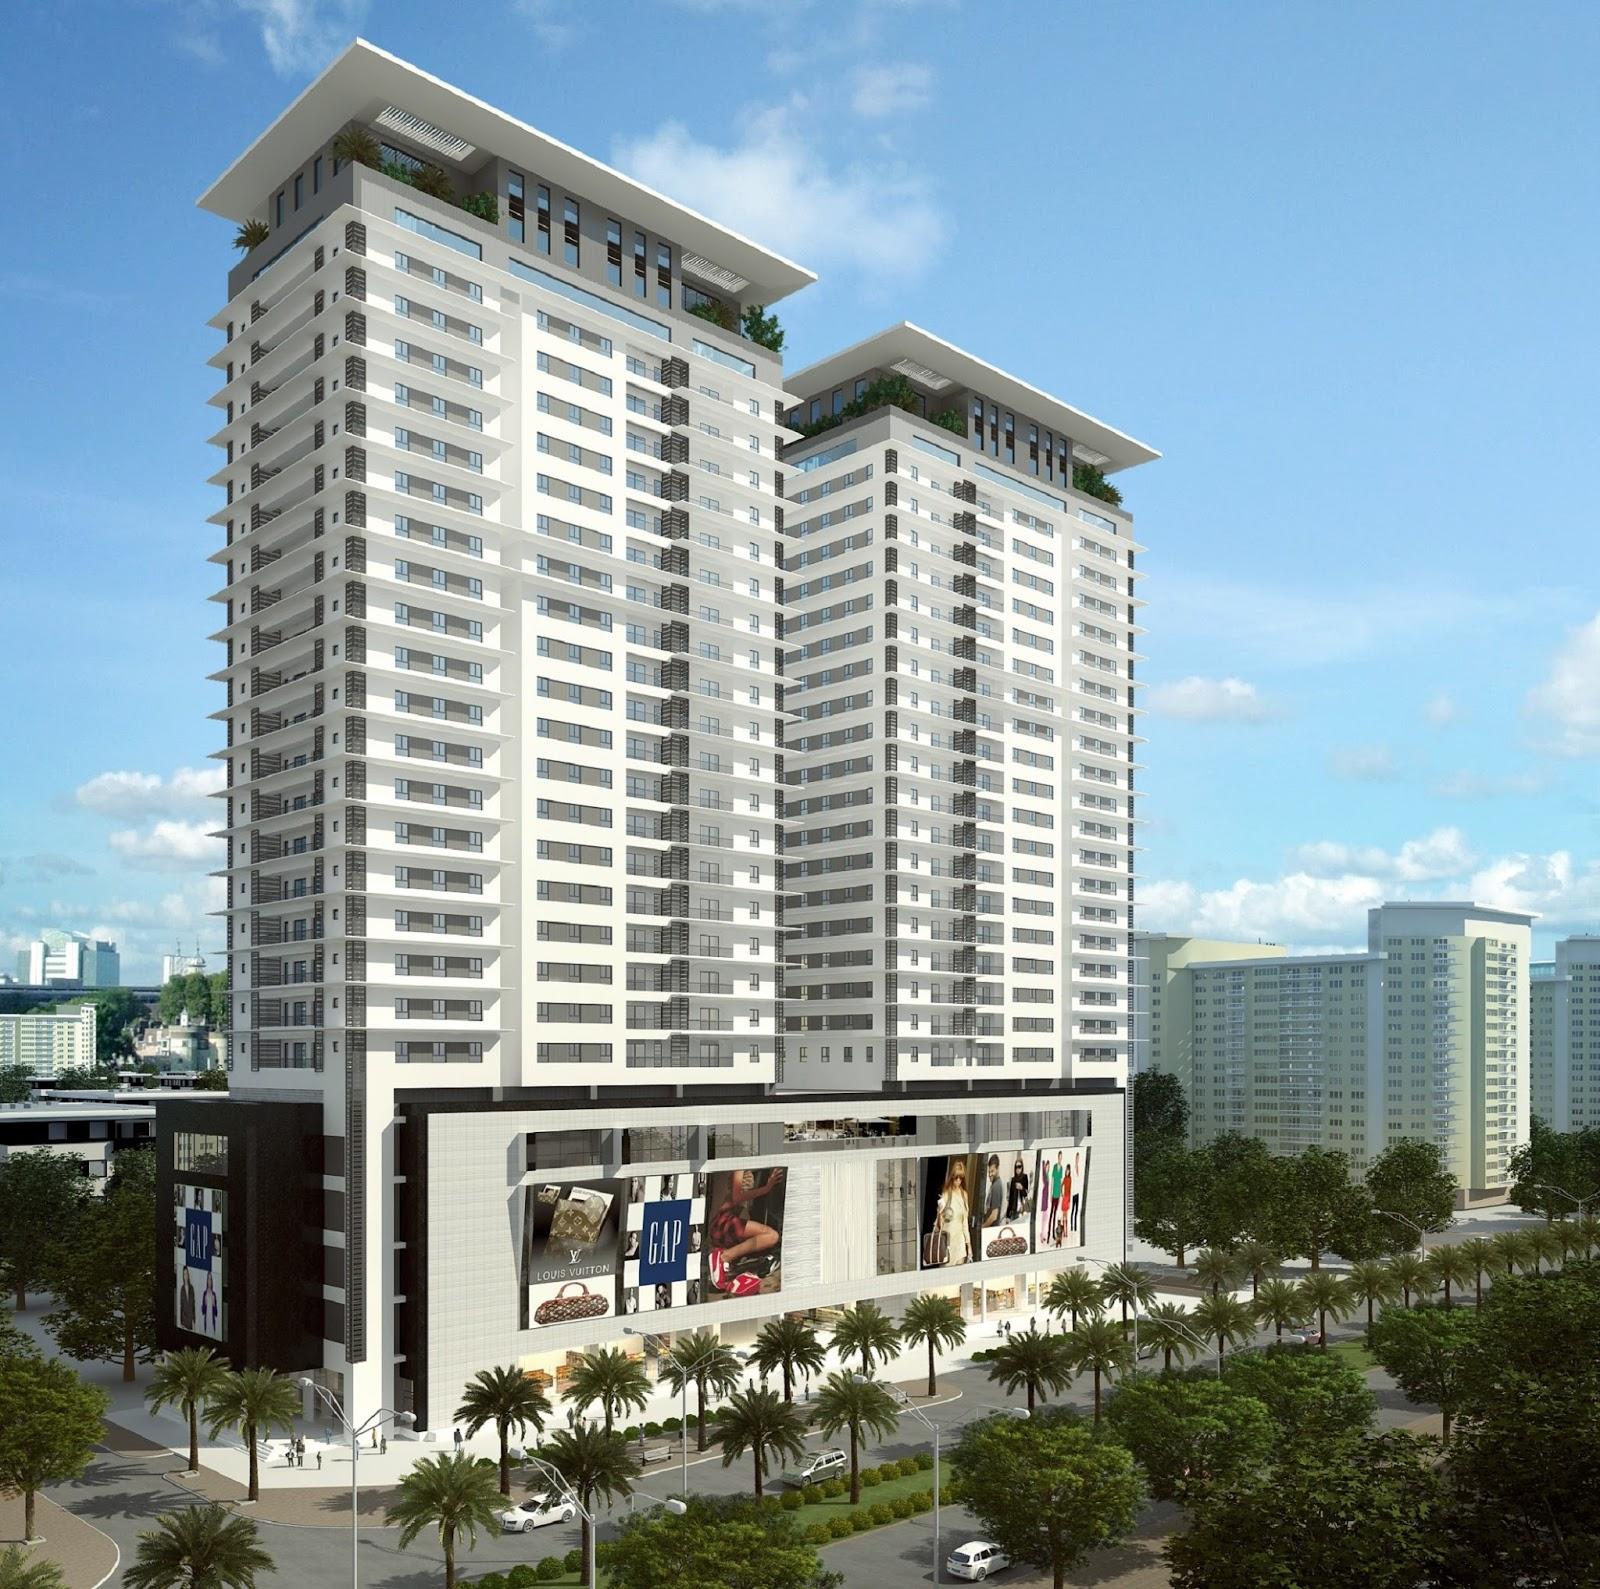 Chung Cư Time Tower Hacc1